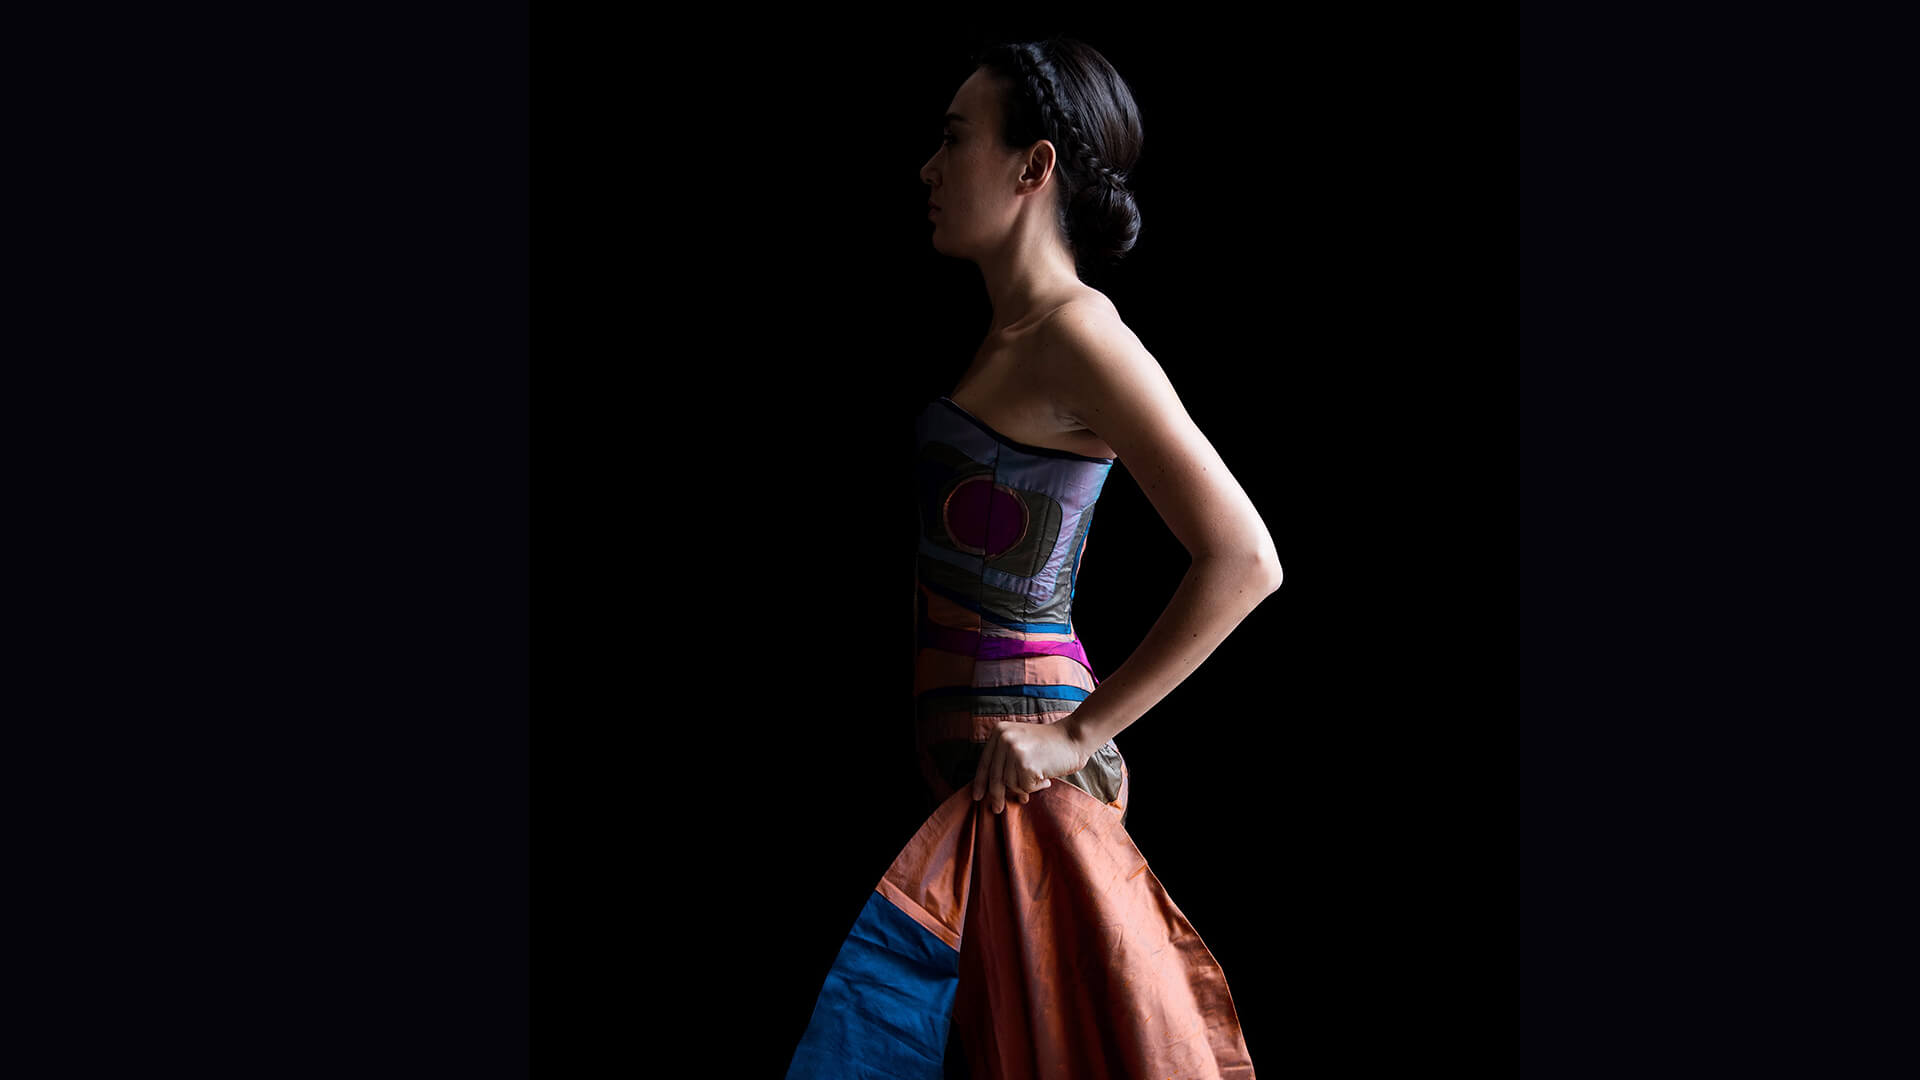 Carla van de Puttelaar - Lux Life luxury lifestyle magazine